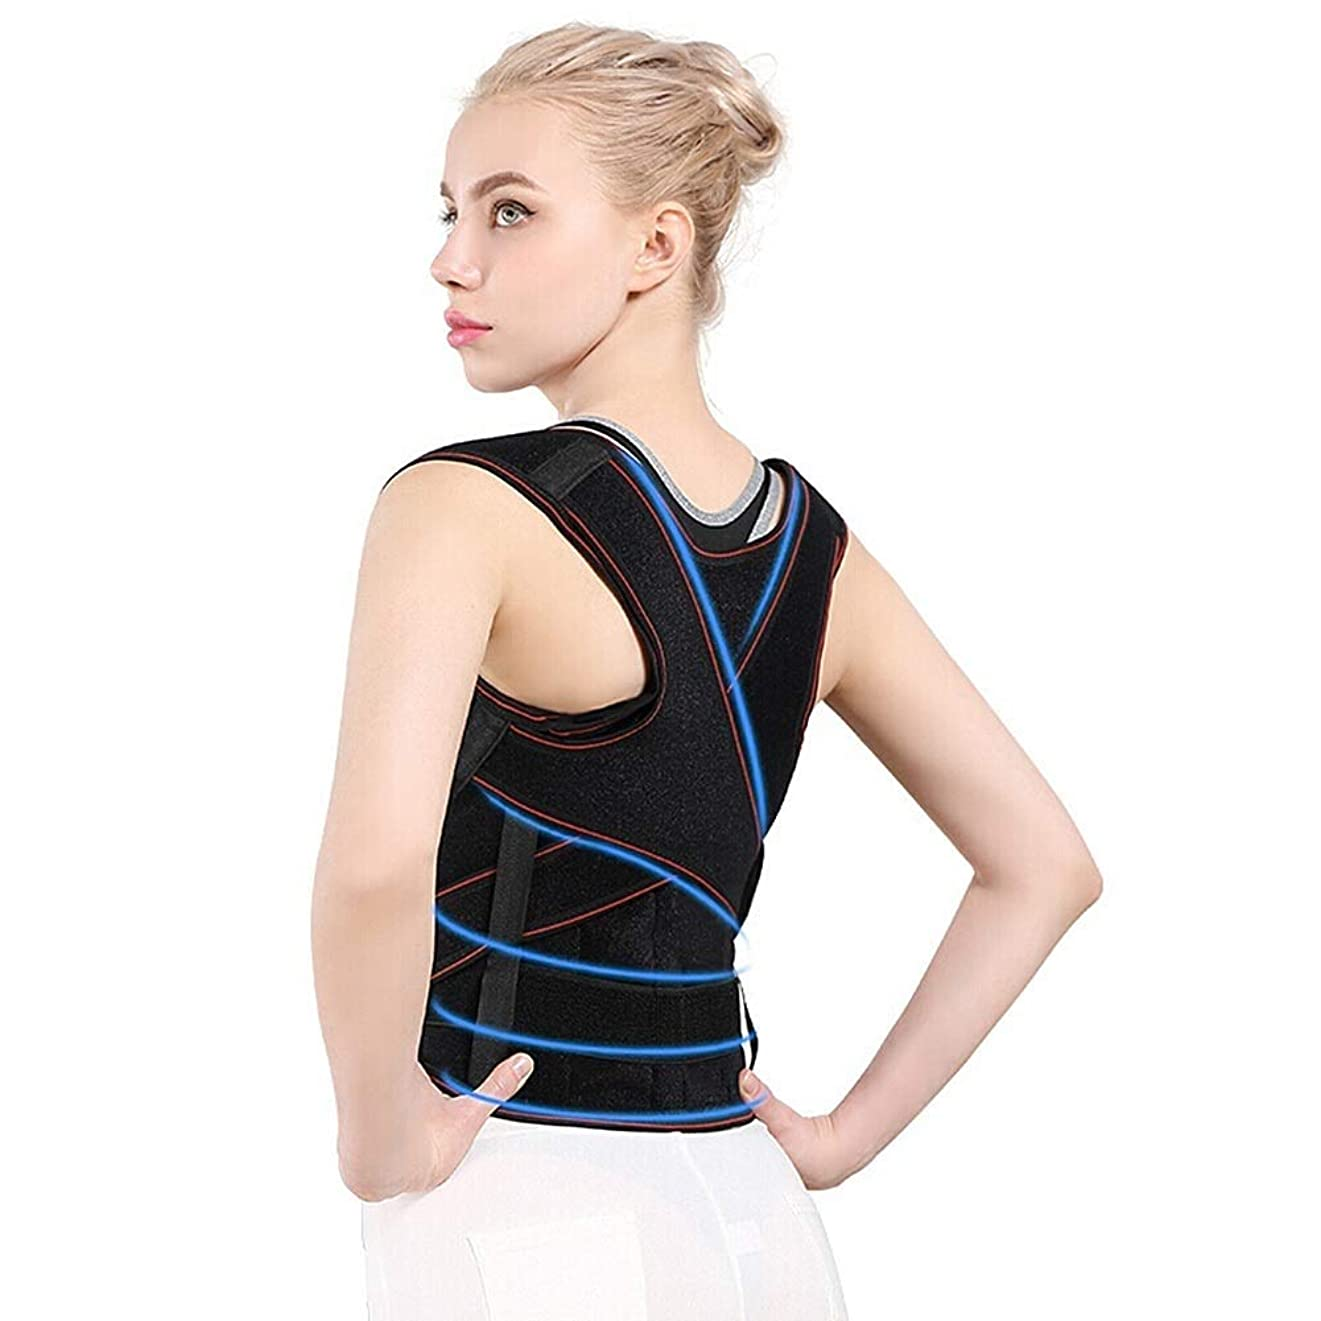 失礼フラグラントに対応姿勢矯正ベルト にとって 男性 そして 女性たち、姿勢サポーター 脊椎 そして バック サポート、キッズ ネック、肩 改善する 姿勢、調整可能 そして 通気性 (Size : L)